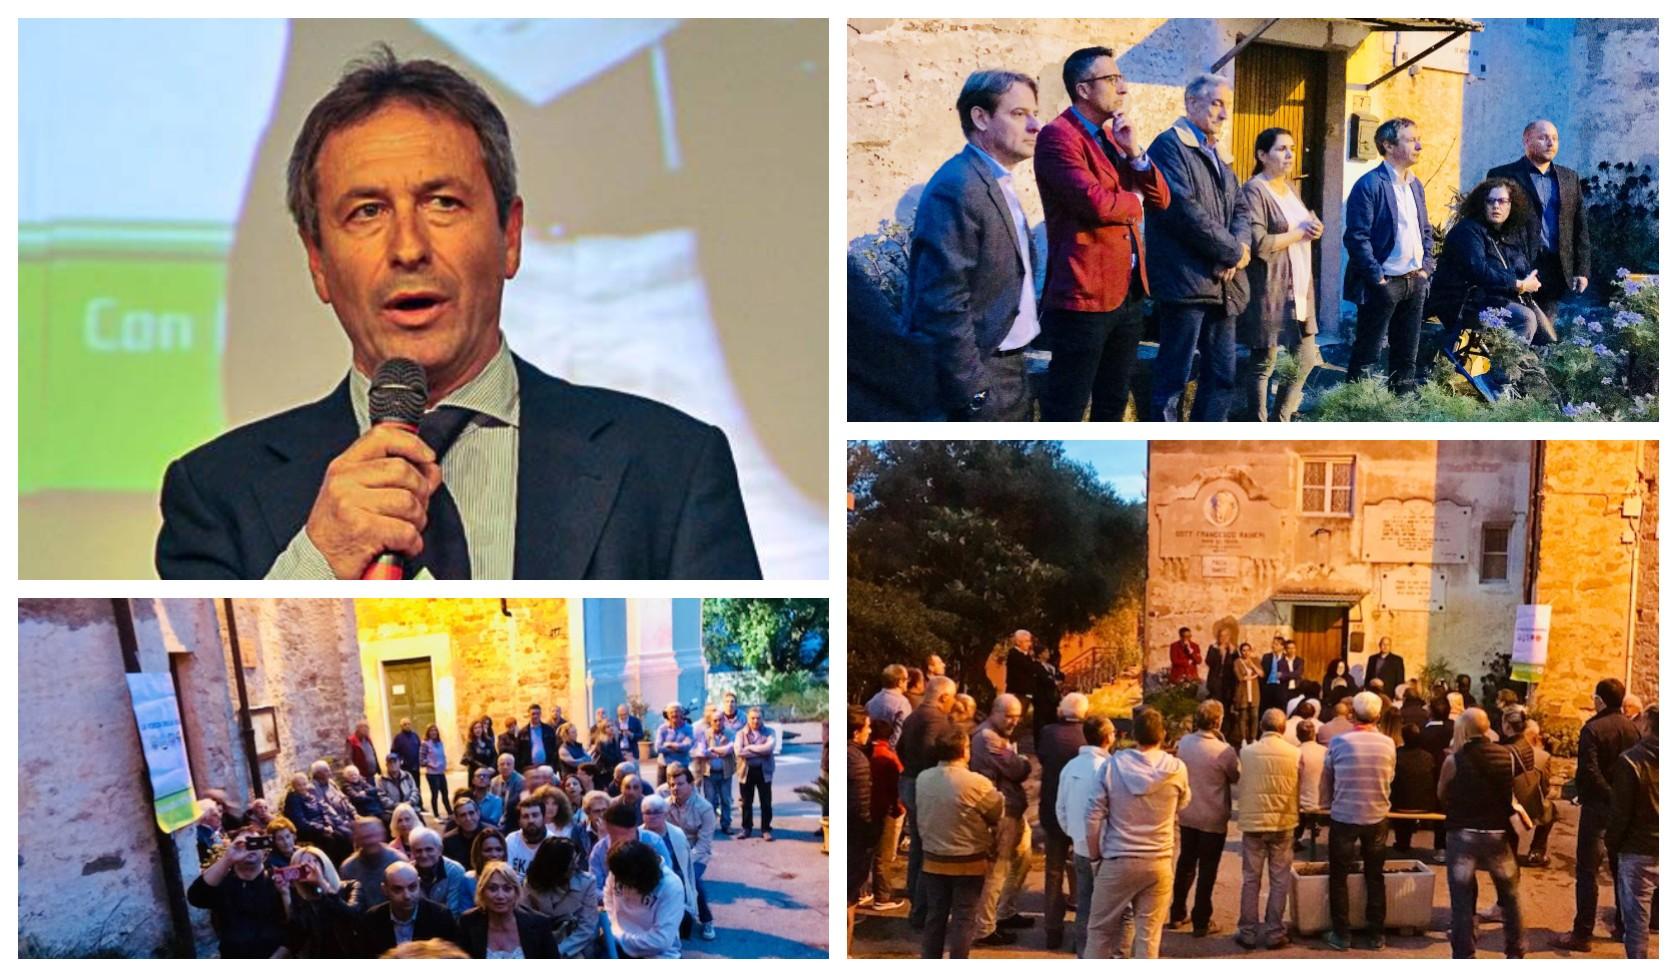 Lanteri Incontra Imperia 2018Il Elezioni Candidato Sindaco Luca 5A4RjL